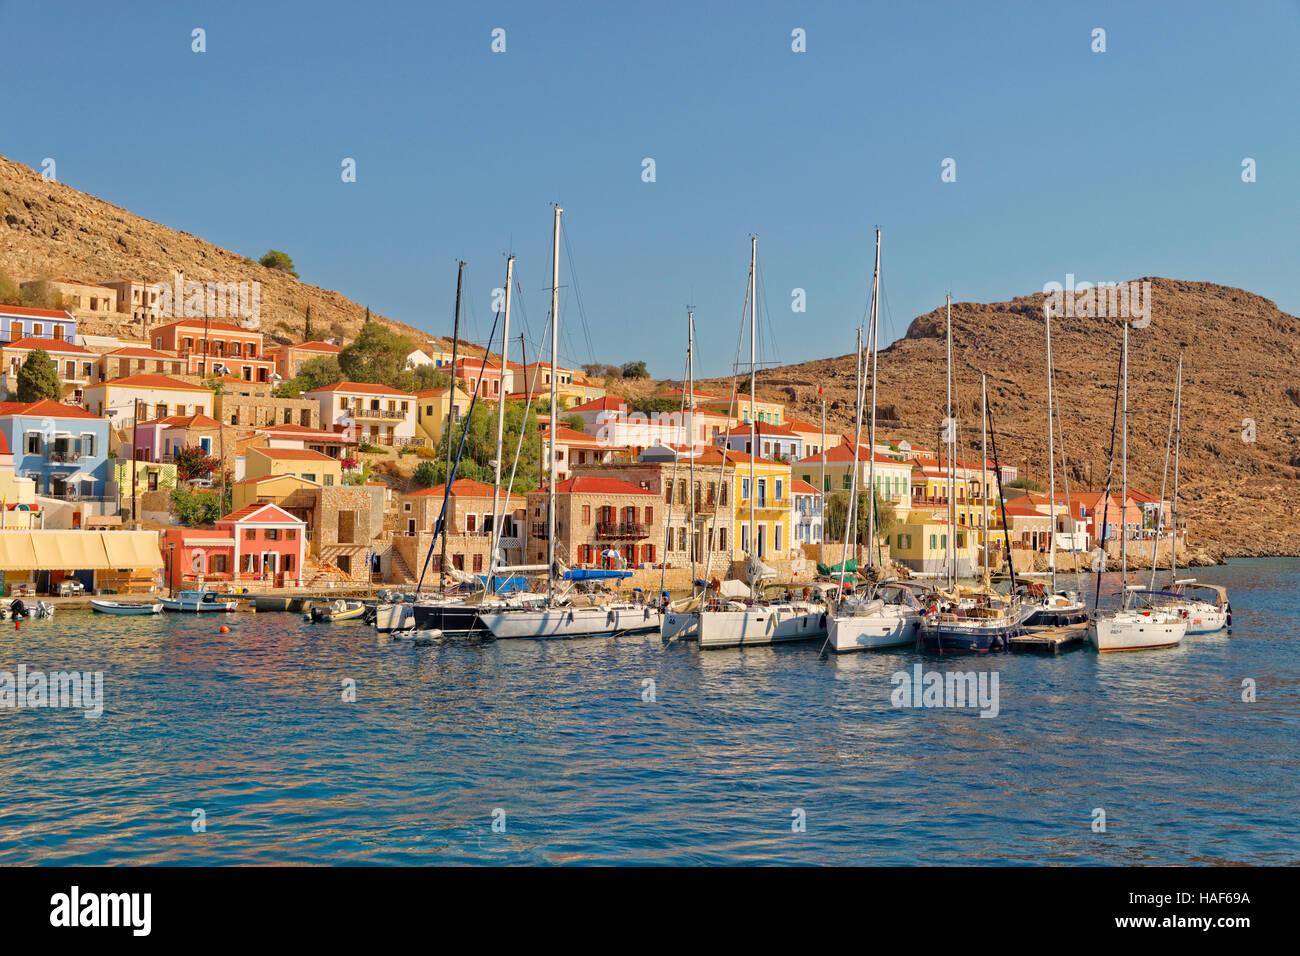 Yacht posti barca presso la città di Chalki, isola greca di Chalki situate al largo della costa nord di RODI, Immagini Stock